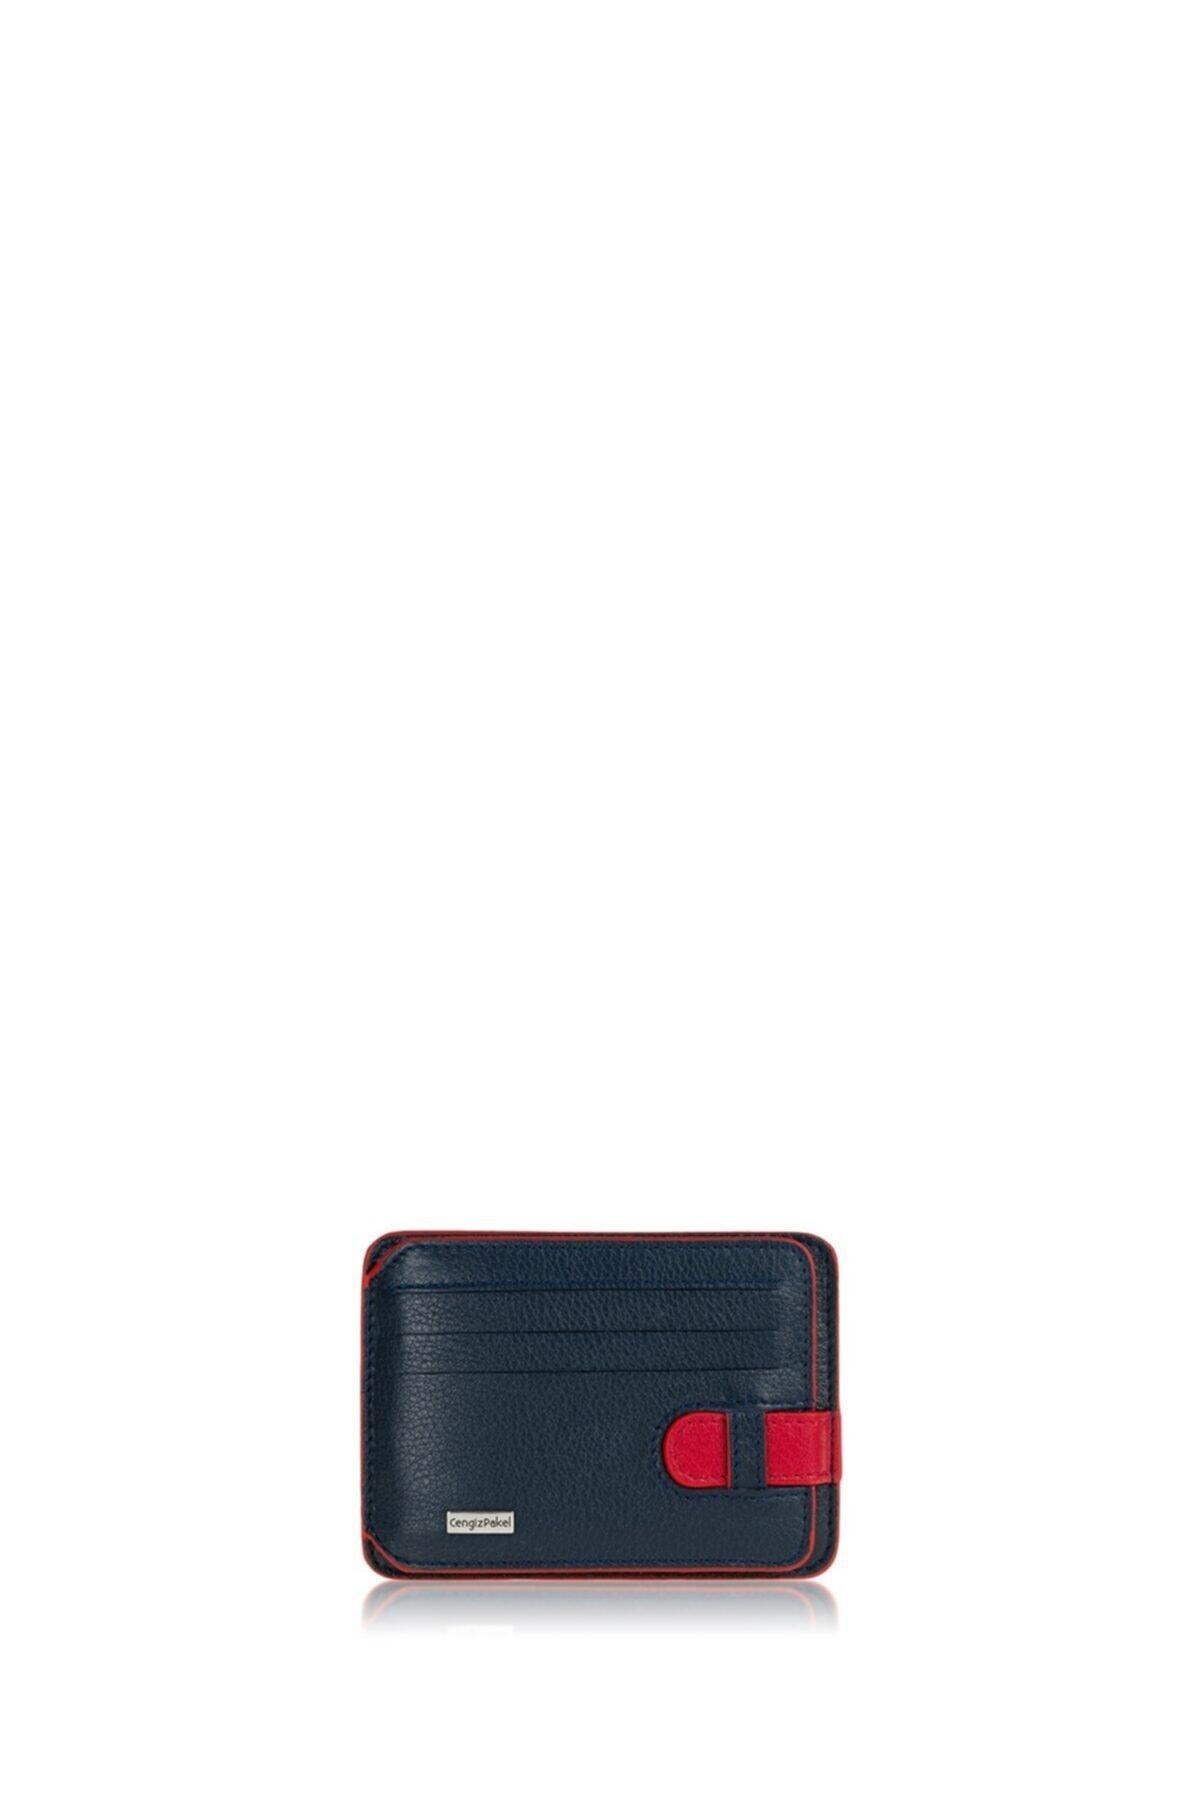 Hakiki Deri Kartlık 2404-lacivert-kırmızı